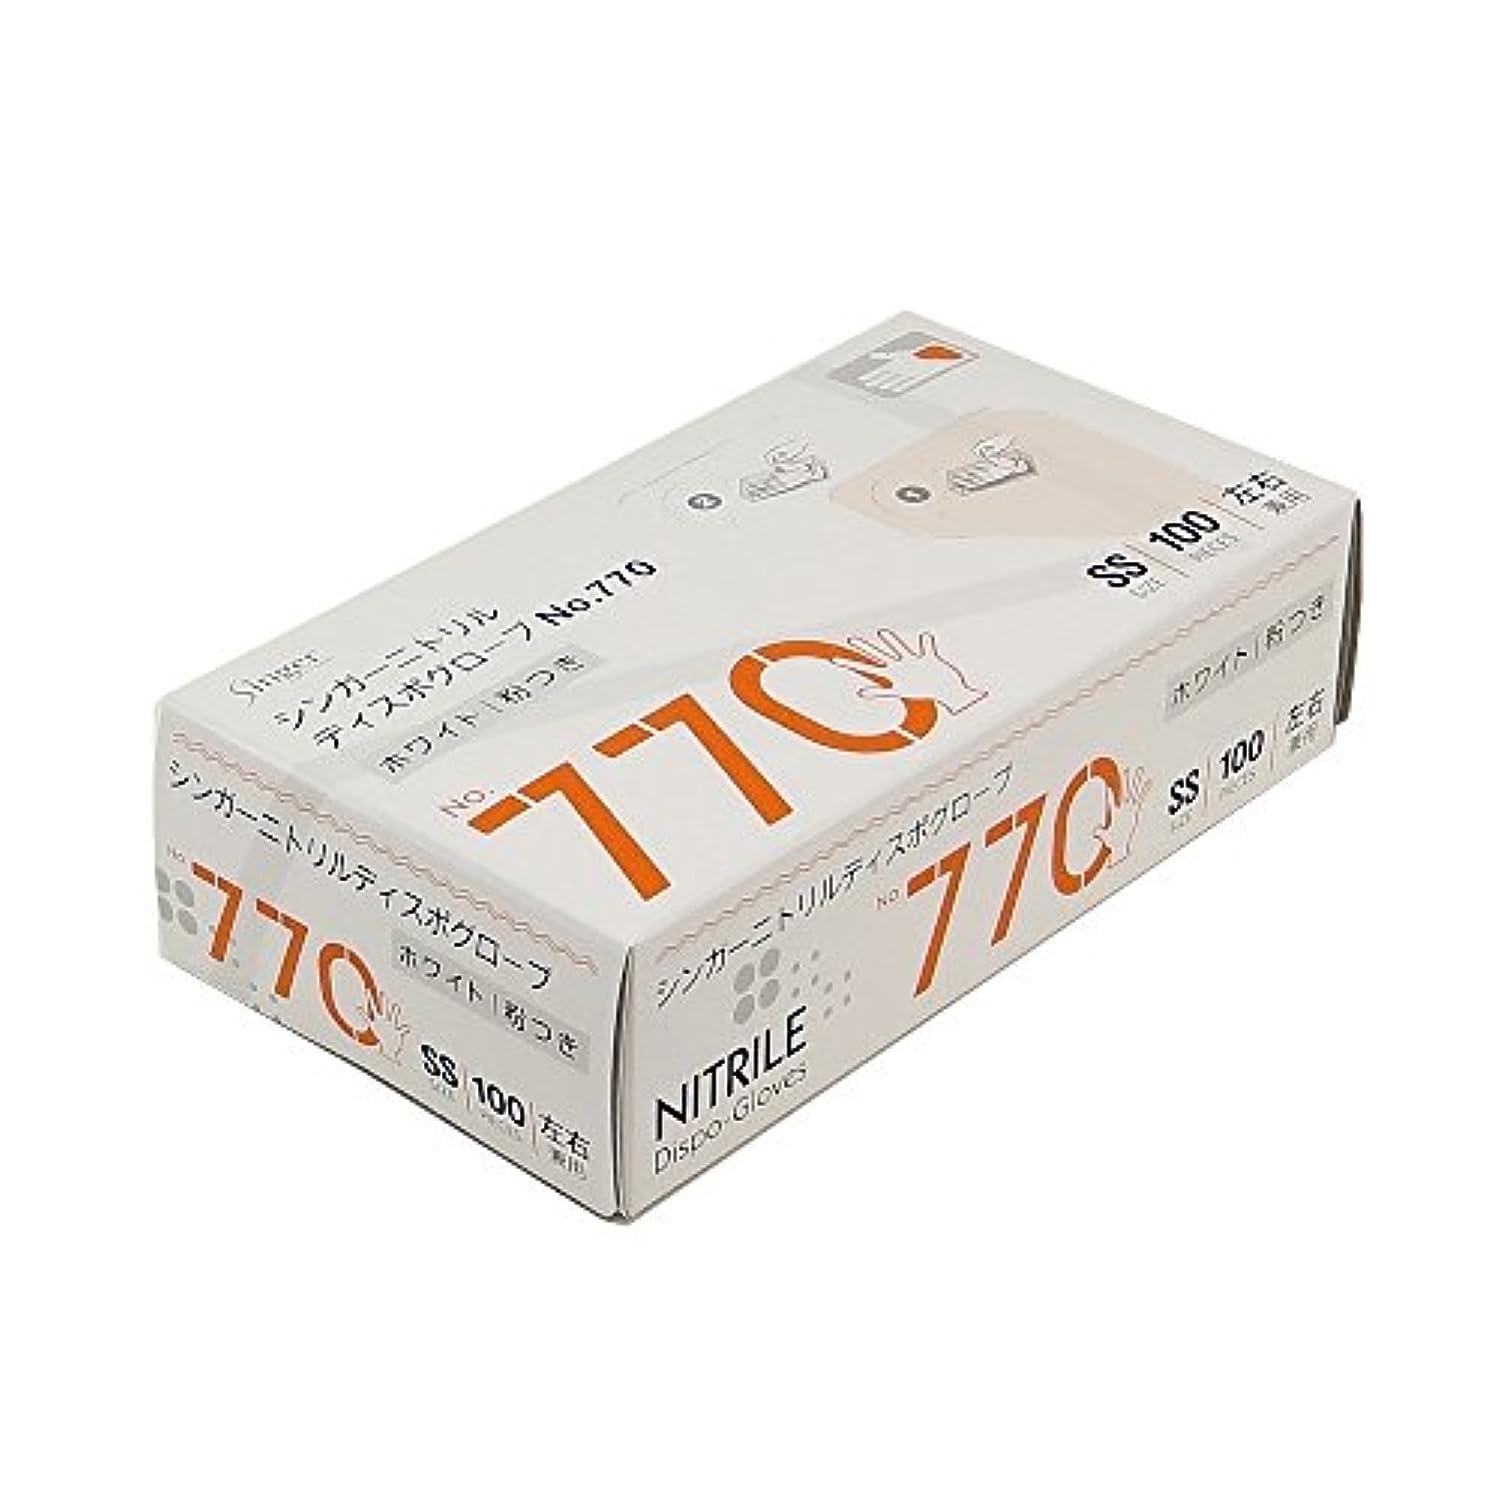 偽善者アジア人混乱した宇都宮製作 ディスポ手袋 シンガーニトリルディスポグローブ No.770 ホワイト 粉付 100枚入  SS